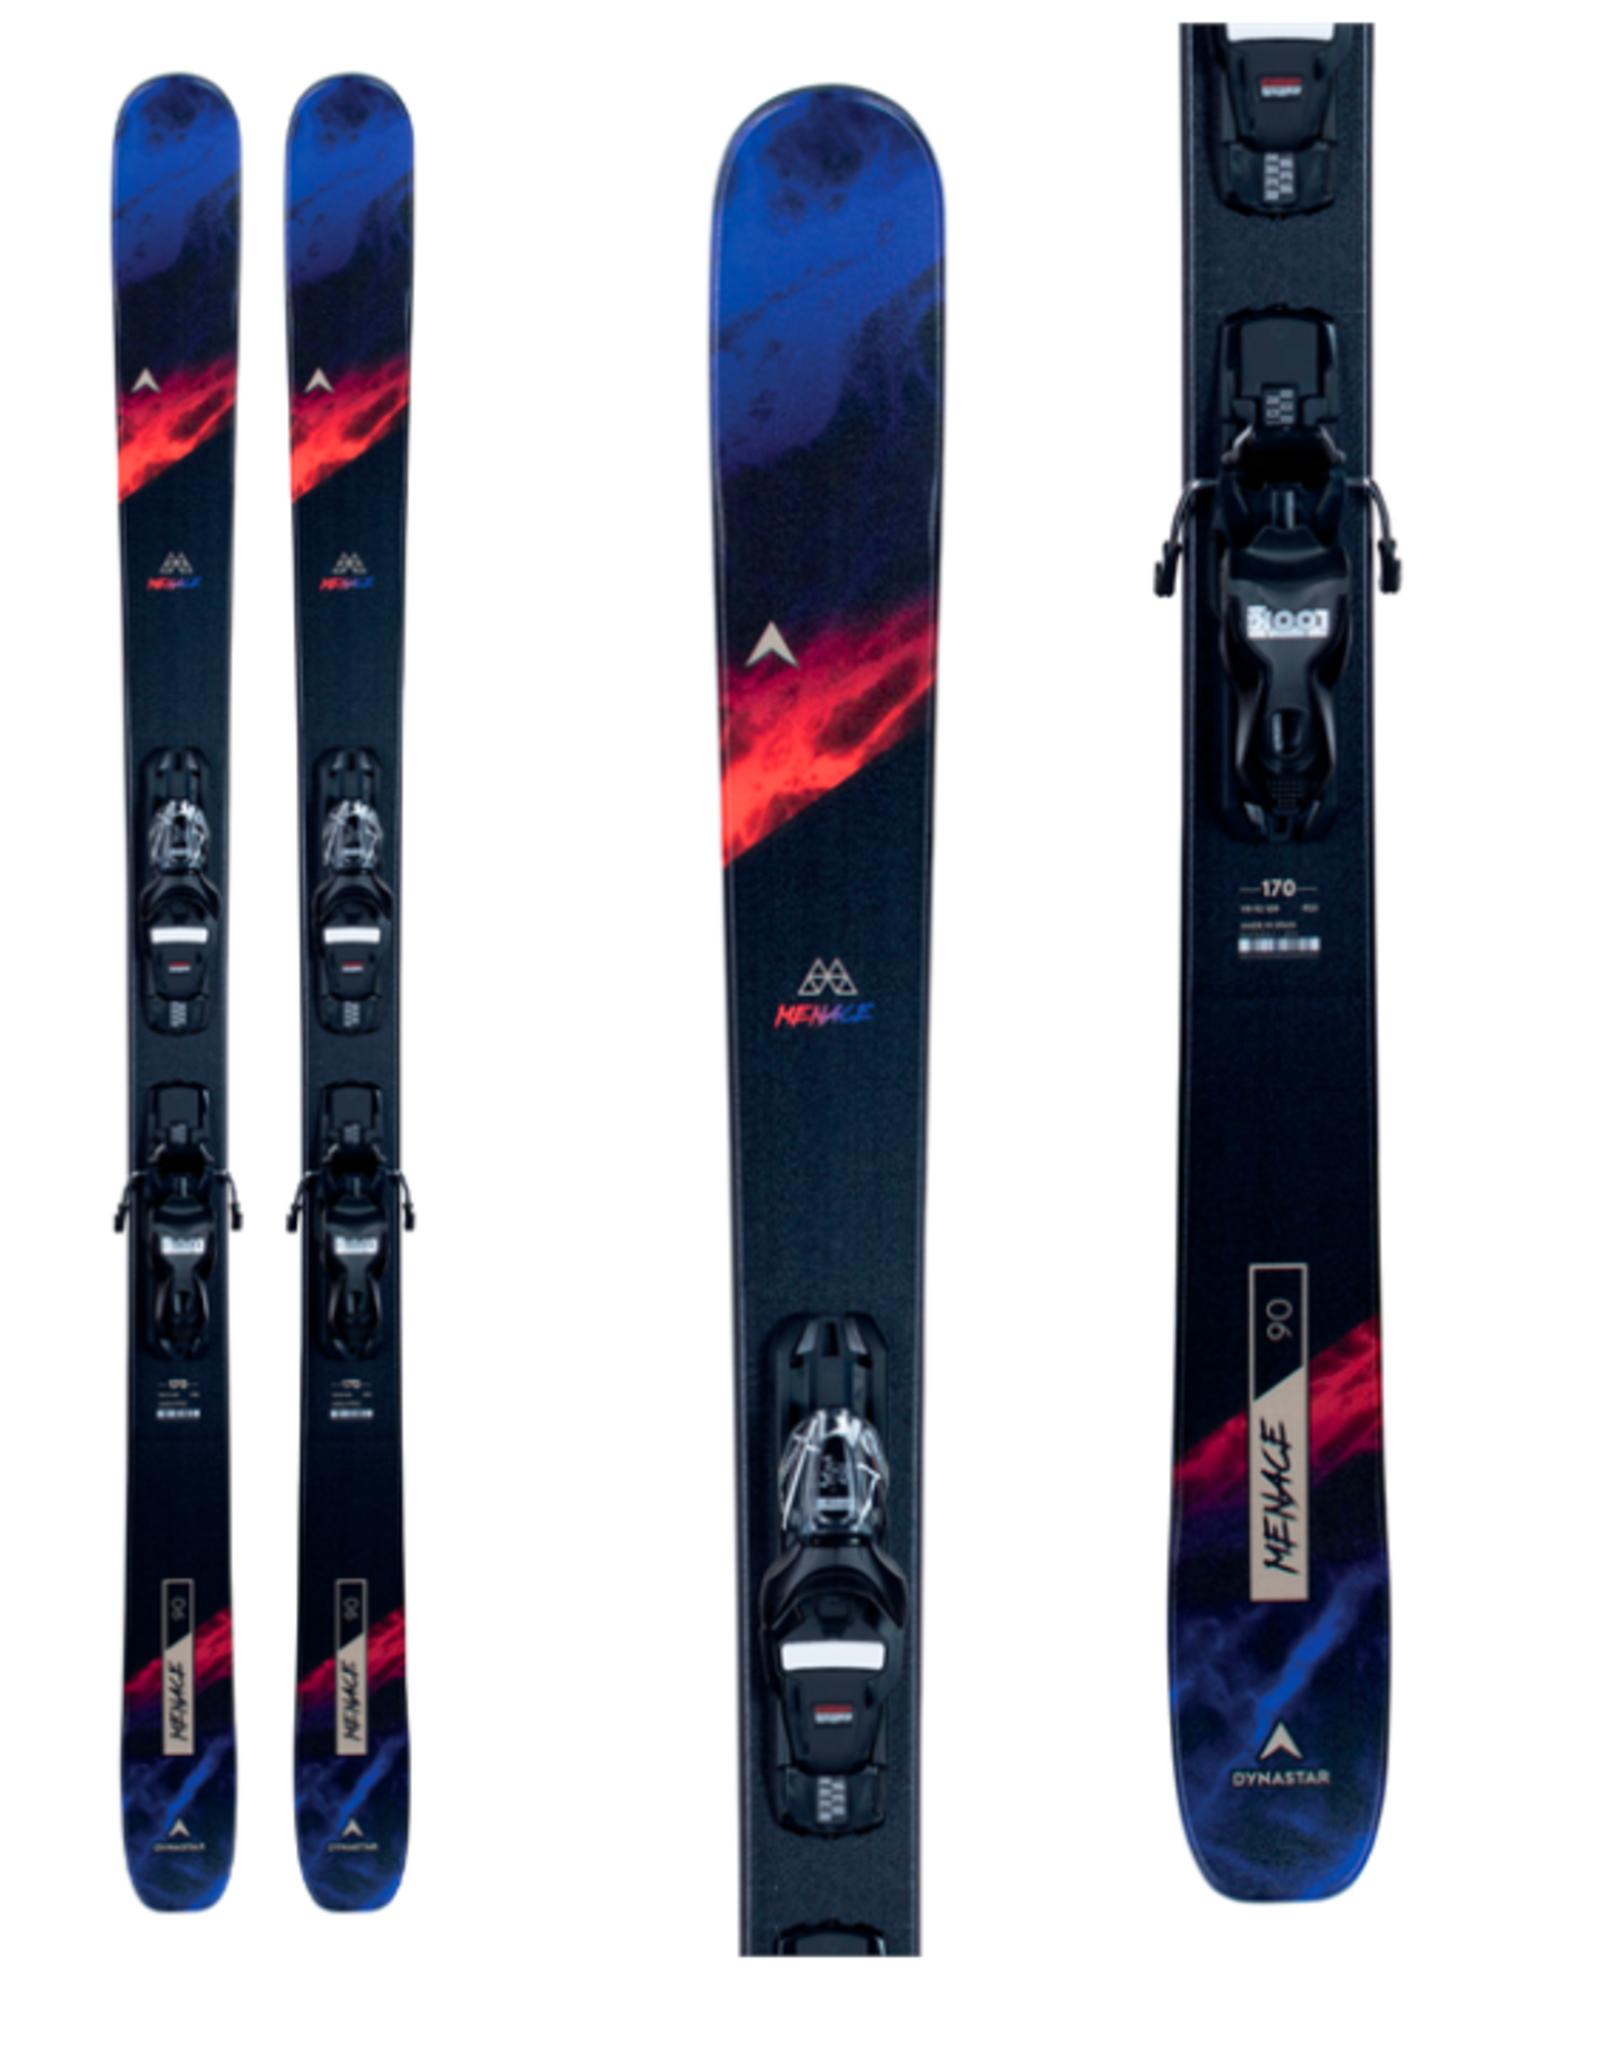 Dynastar Men's Menace 90 Xpress Skis with Xpress 11 GW B93MM Ski Bindings 2022